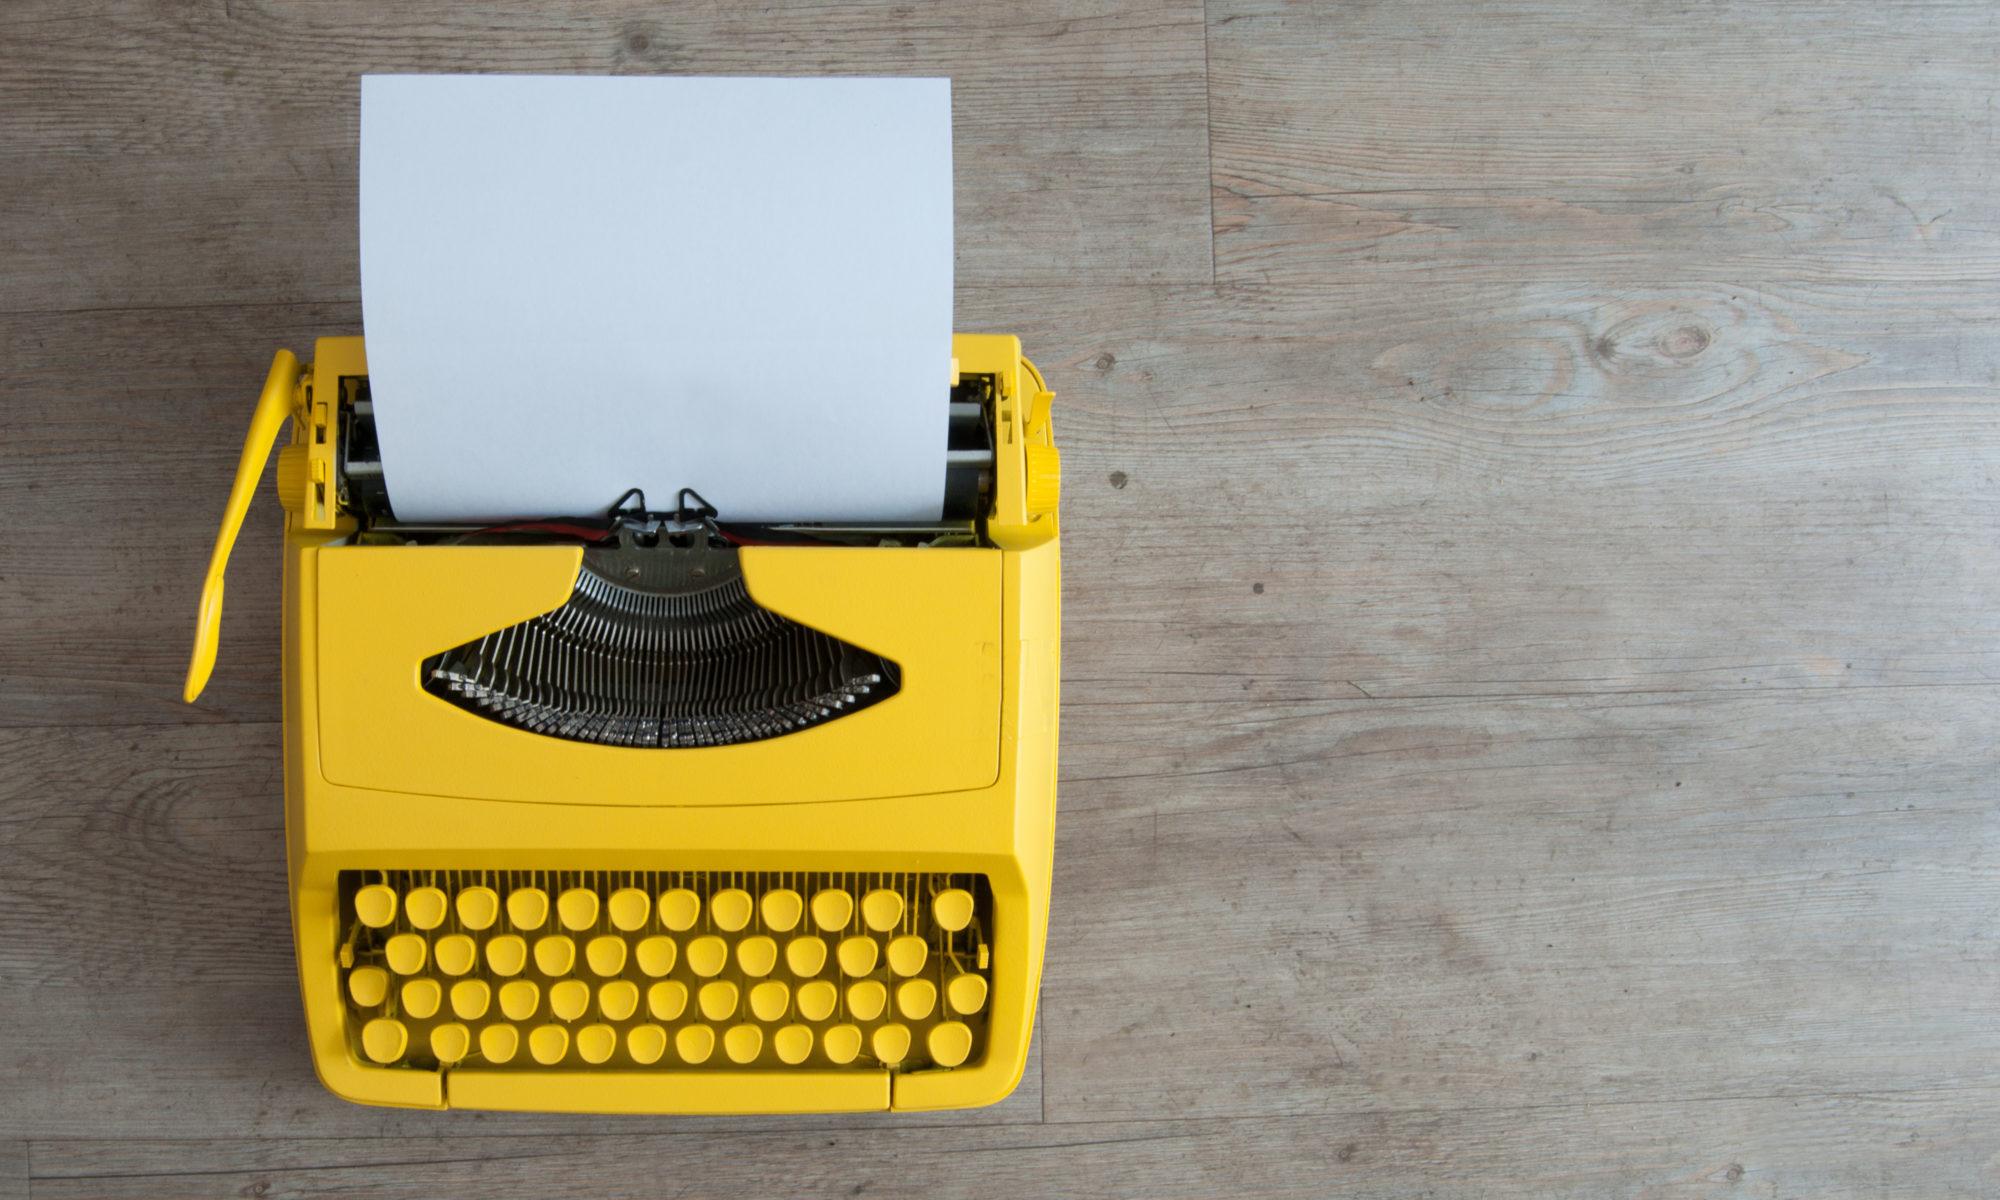 żółta maszyna do pisania w stylu retro